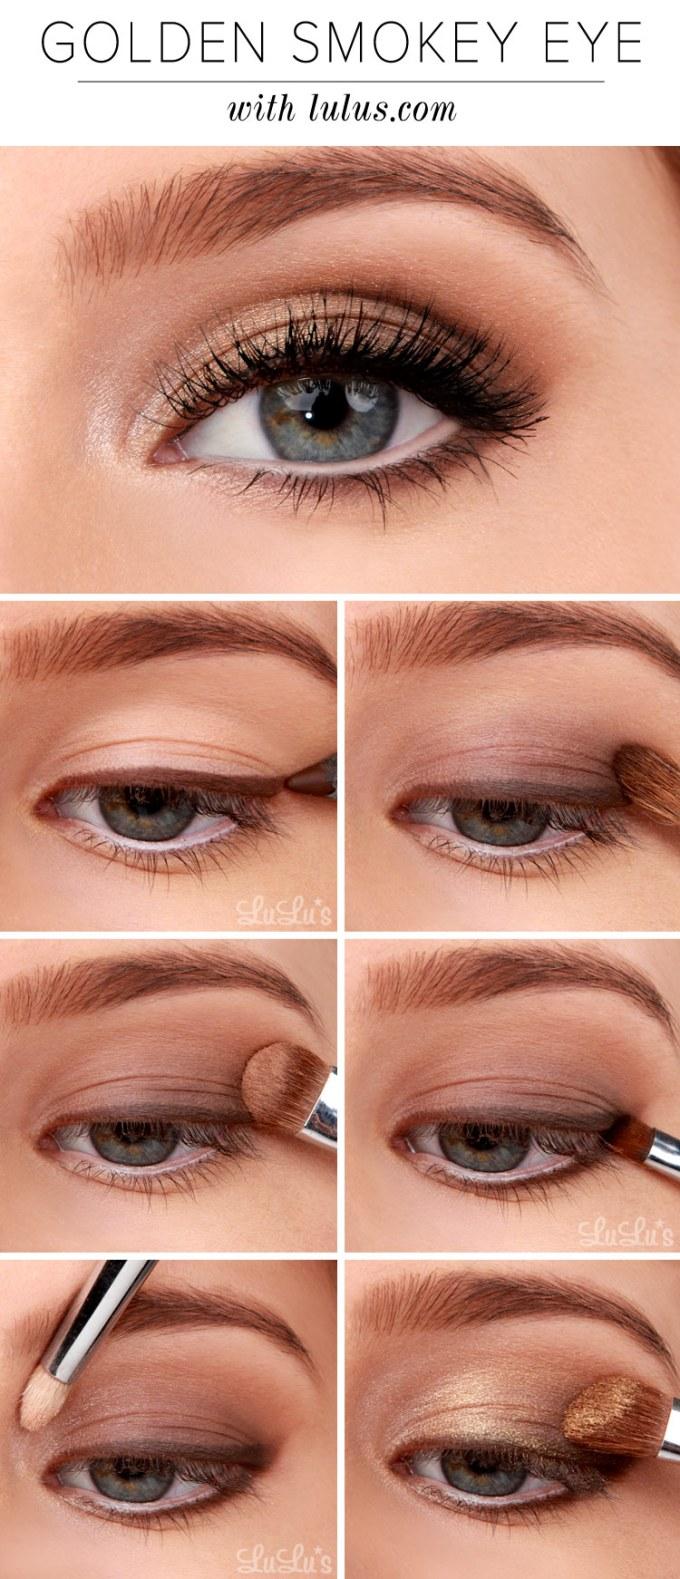 lulus how-to: golden smokey eyeshadow tutorial - lulus